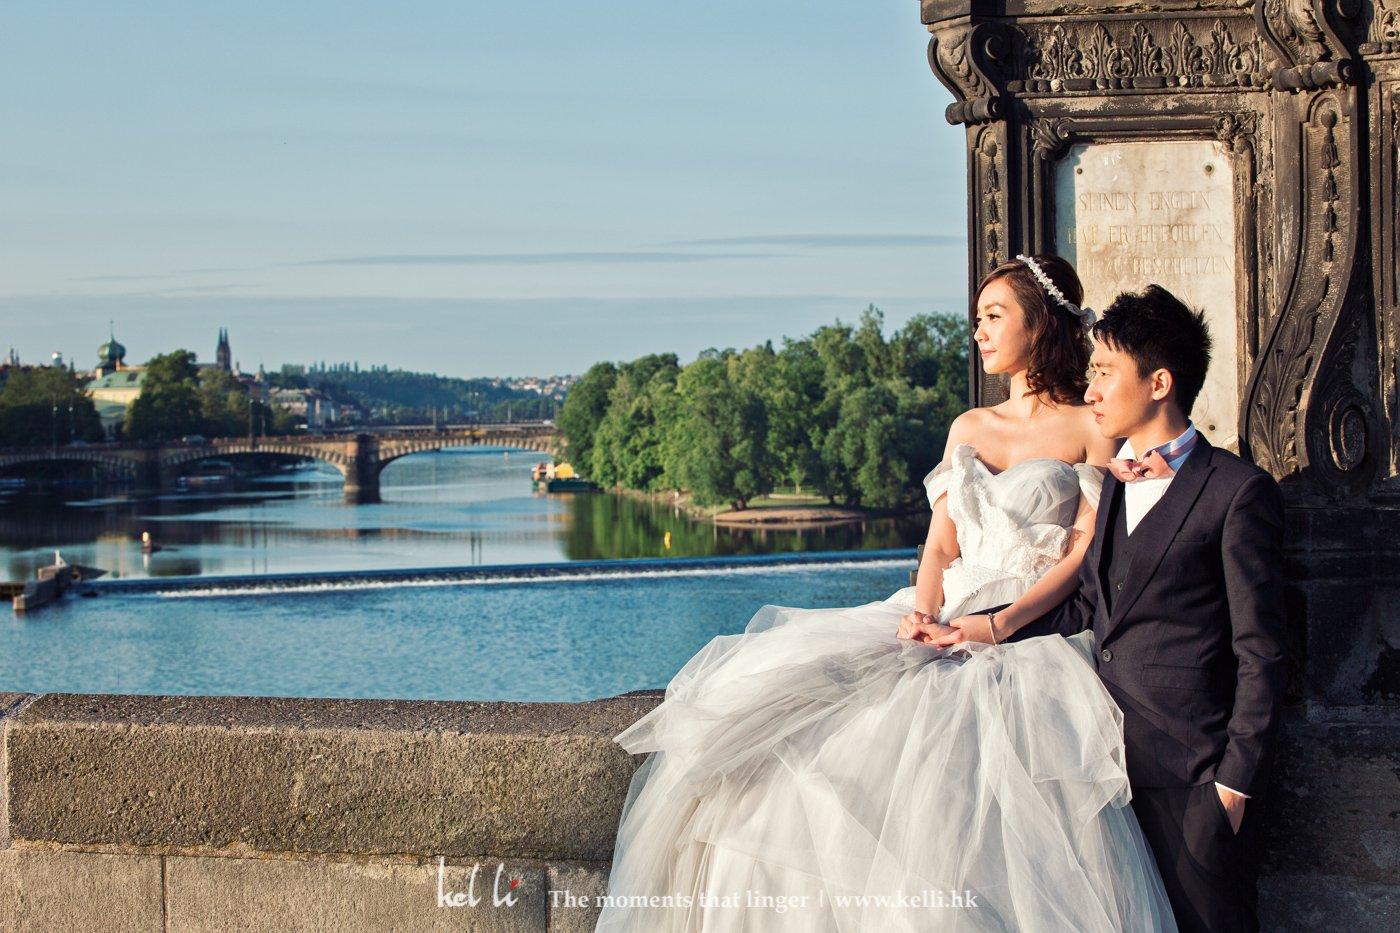 在查理大橋拍婚紗照,最重要的是三個字,早